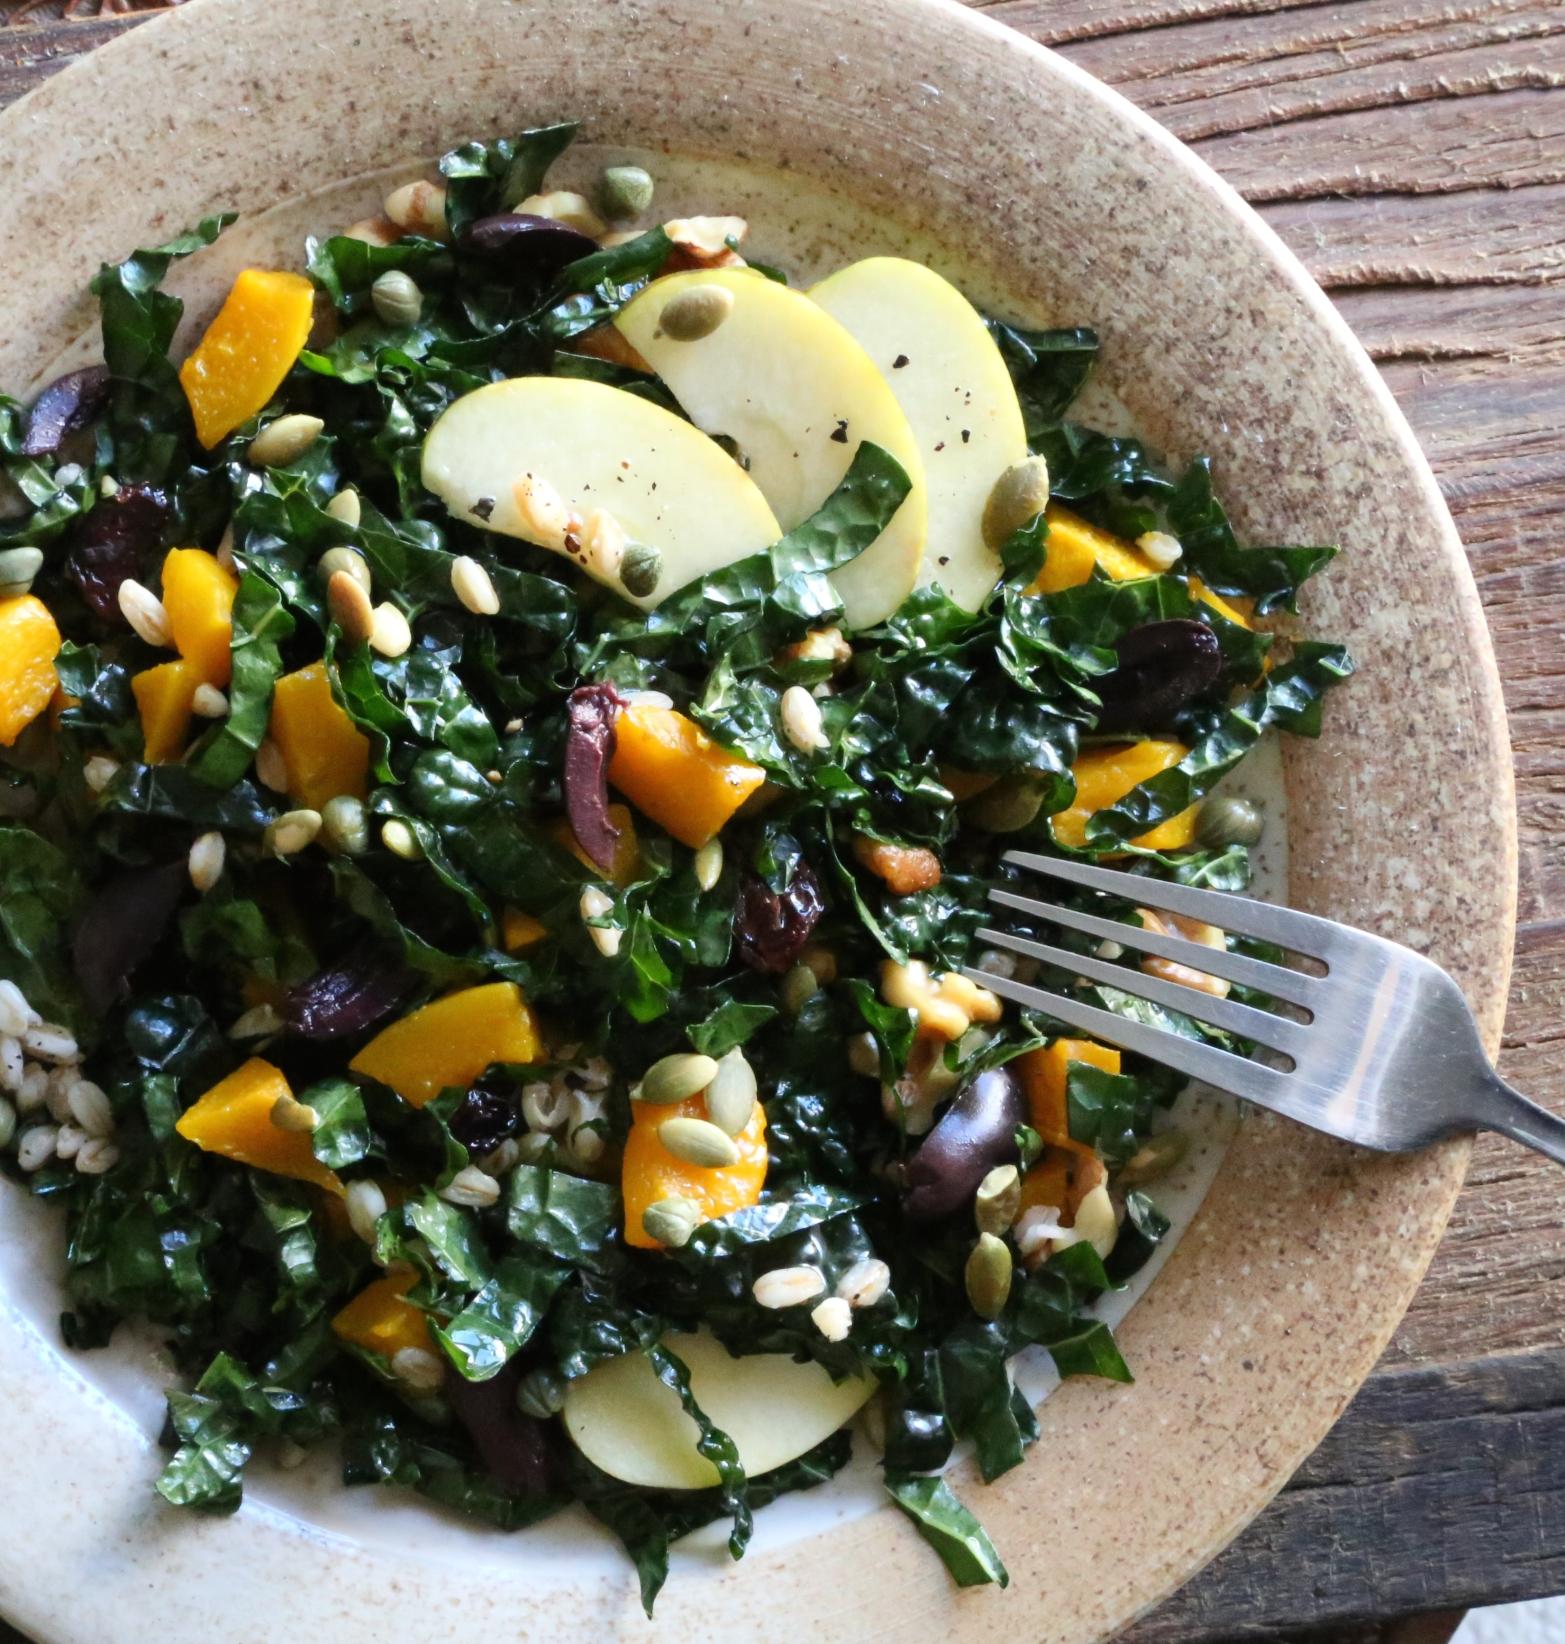 Kale and Kabocha Squash Salad